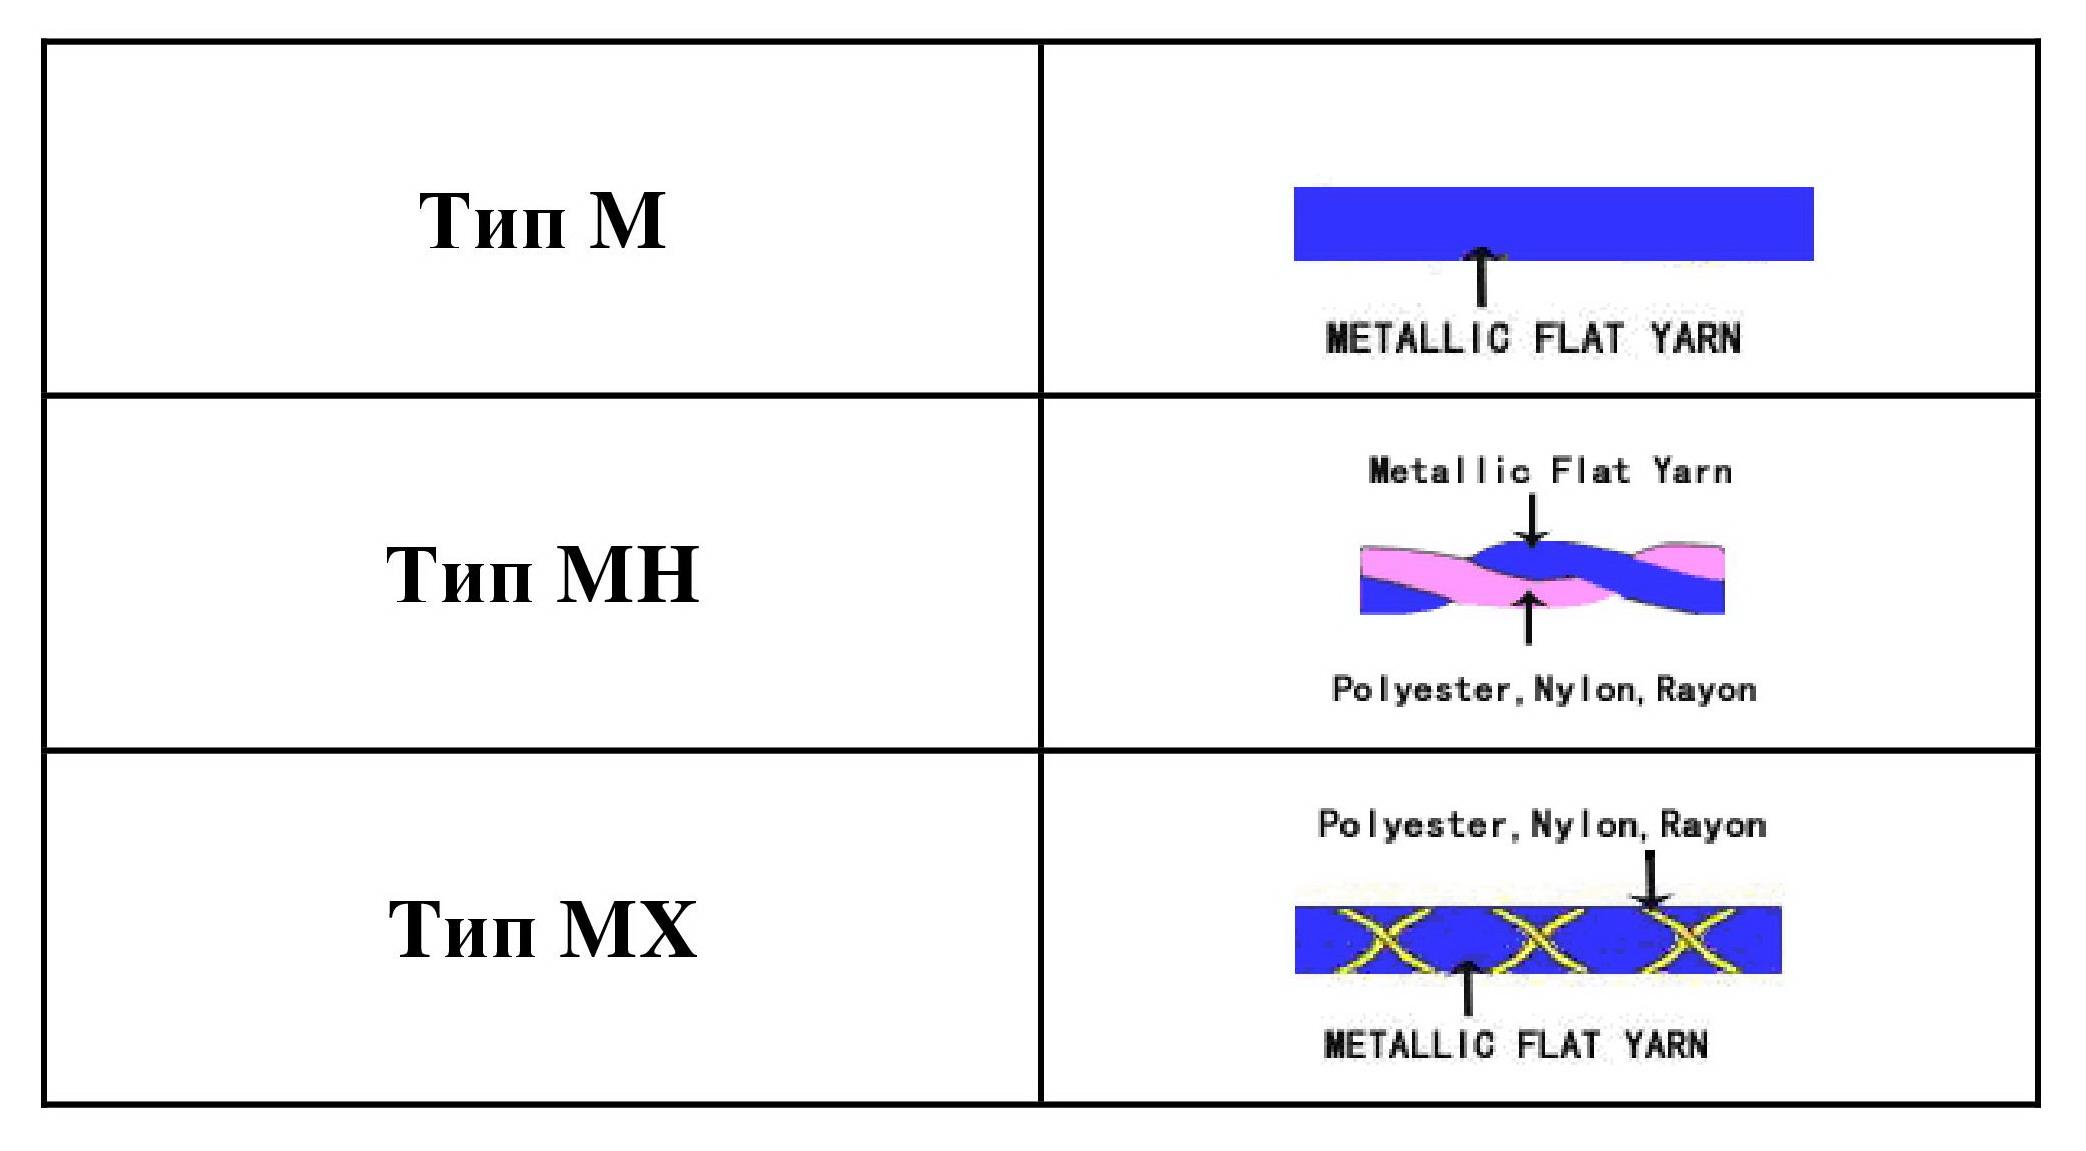 металлическая нить, метанит, люрекс, пряжа люрекс, типы люрекса